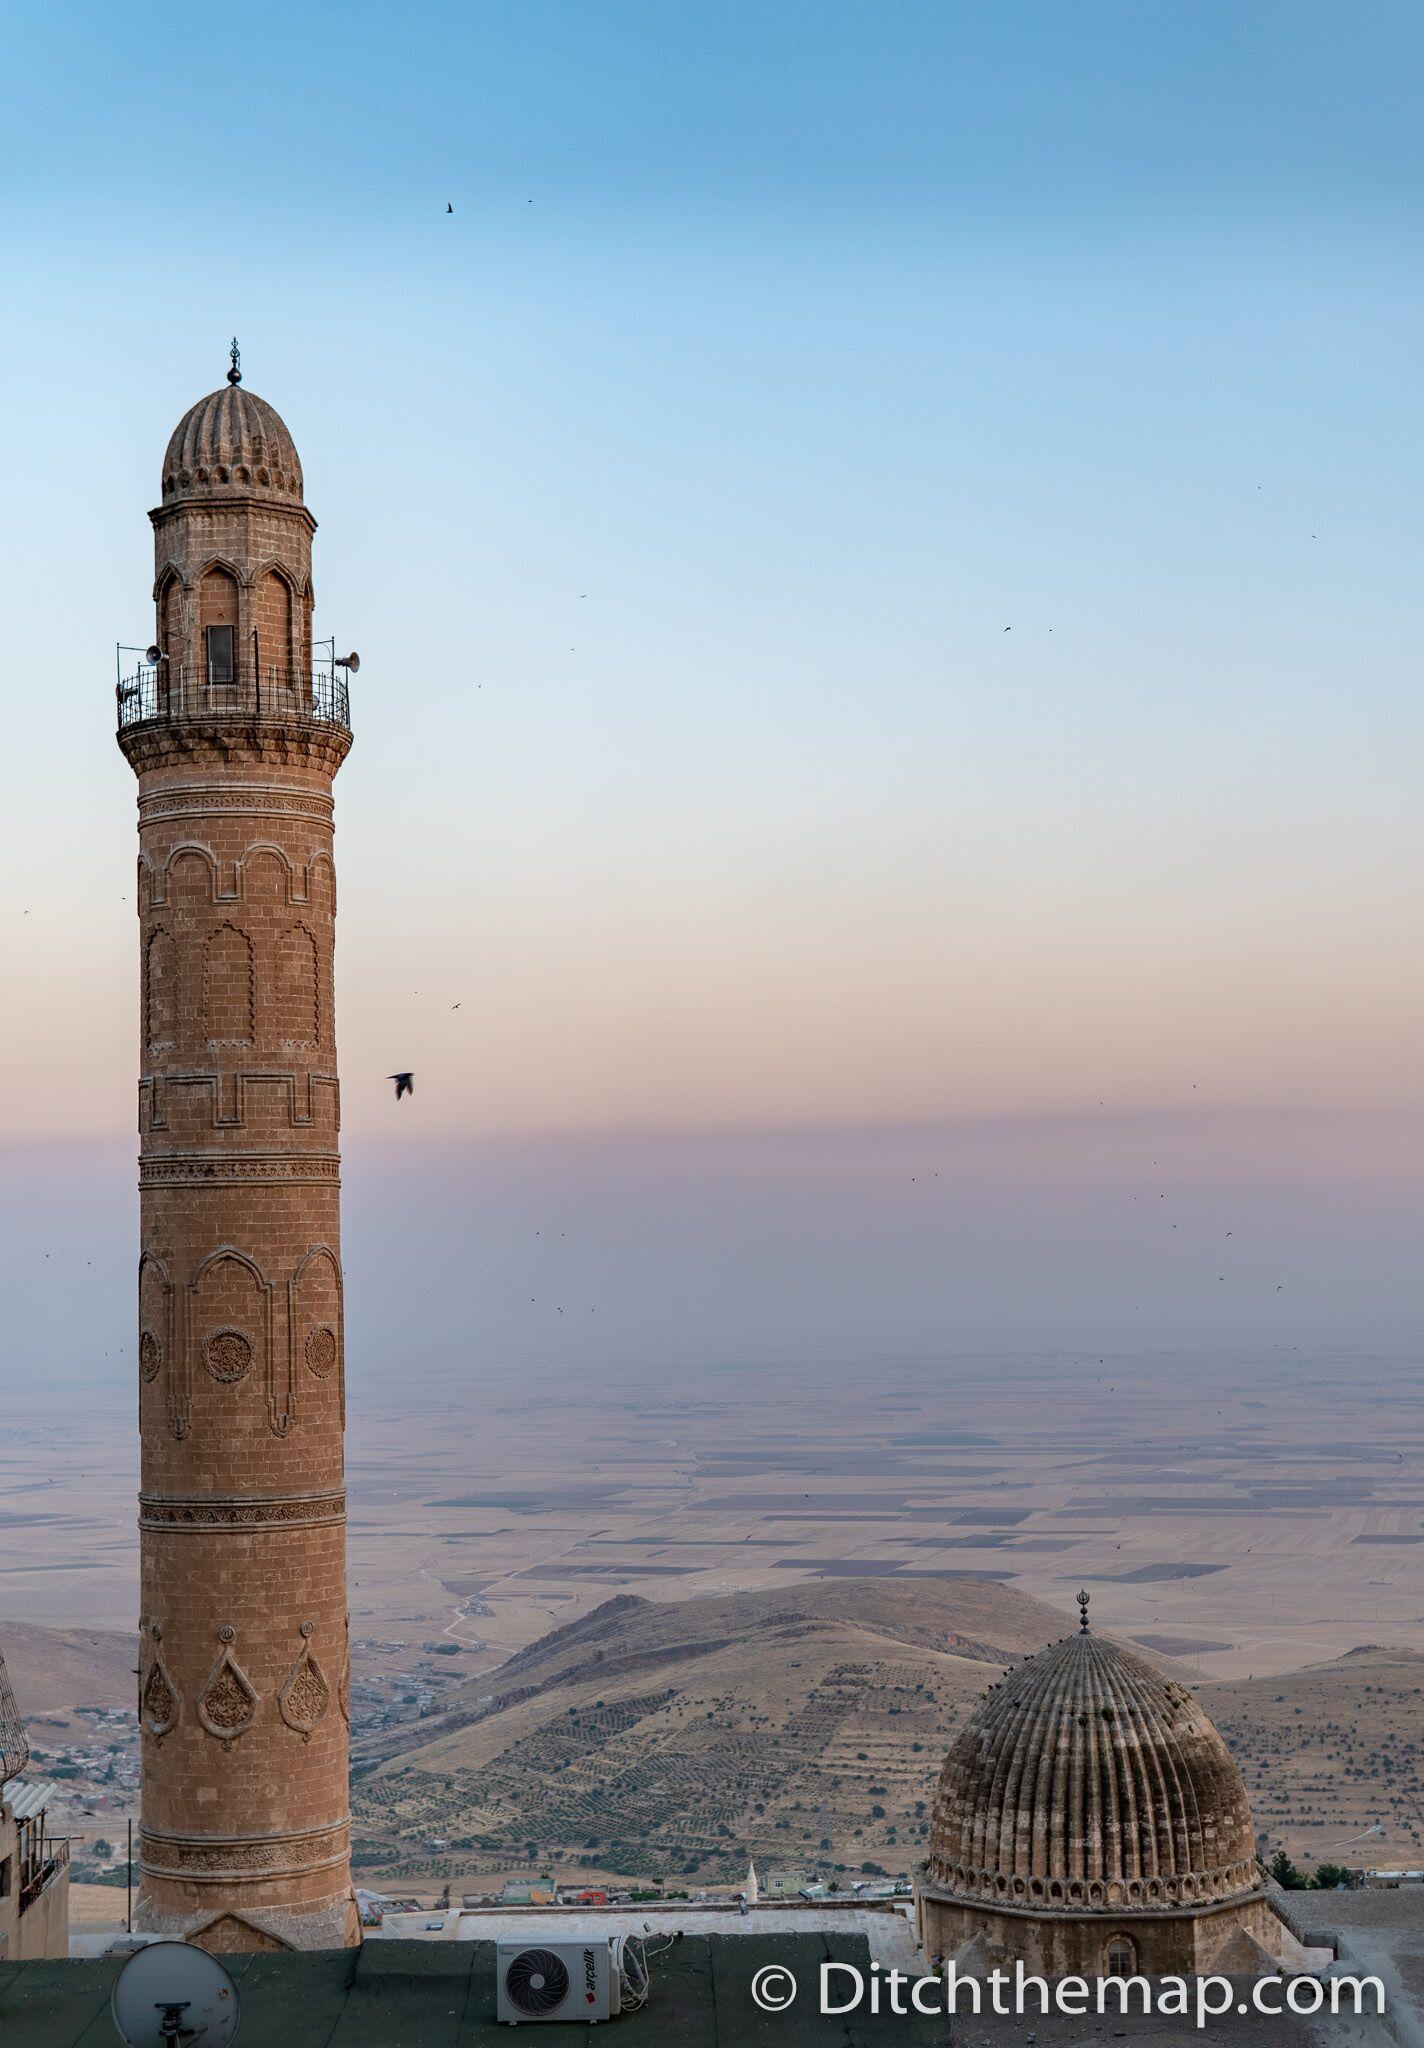 Overlooking the Mesopotamian plains in Mardin, Turkey